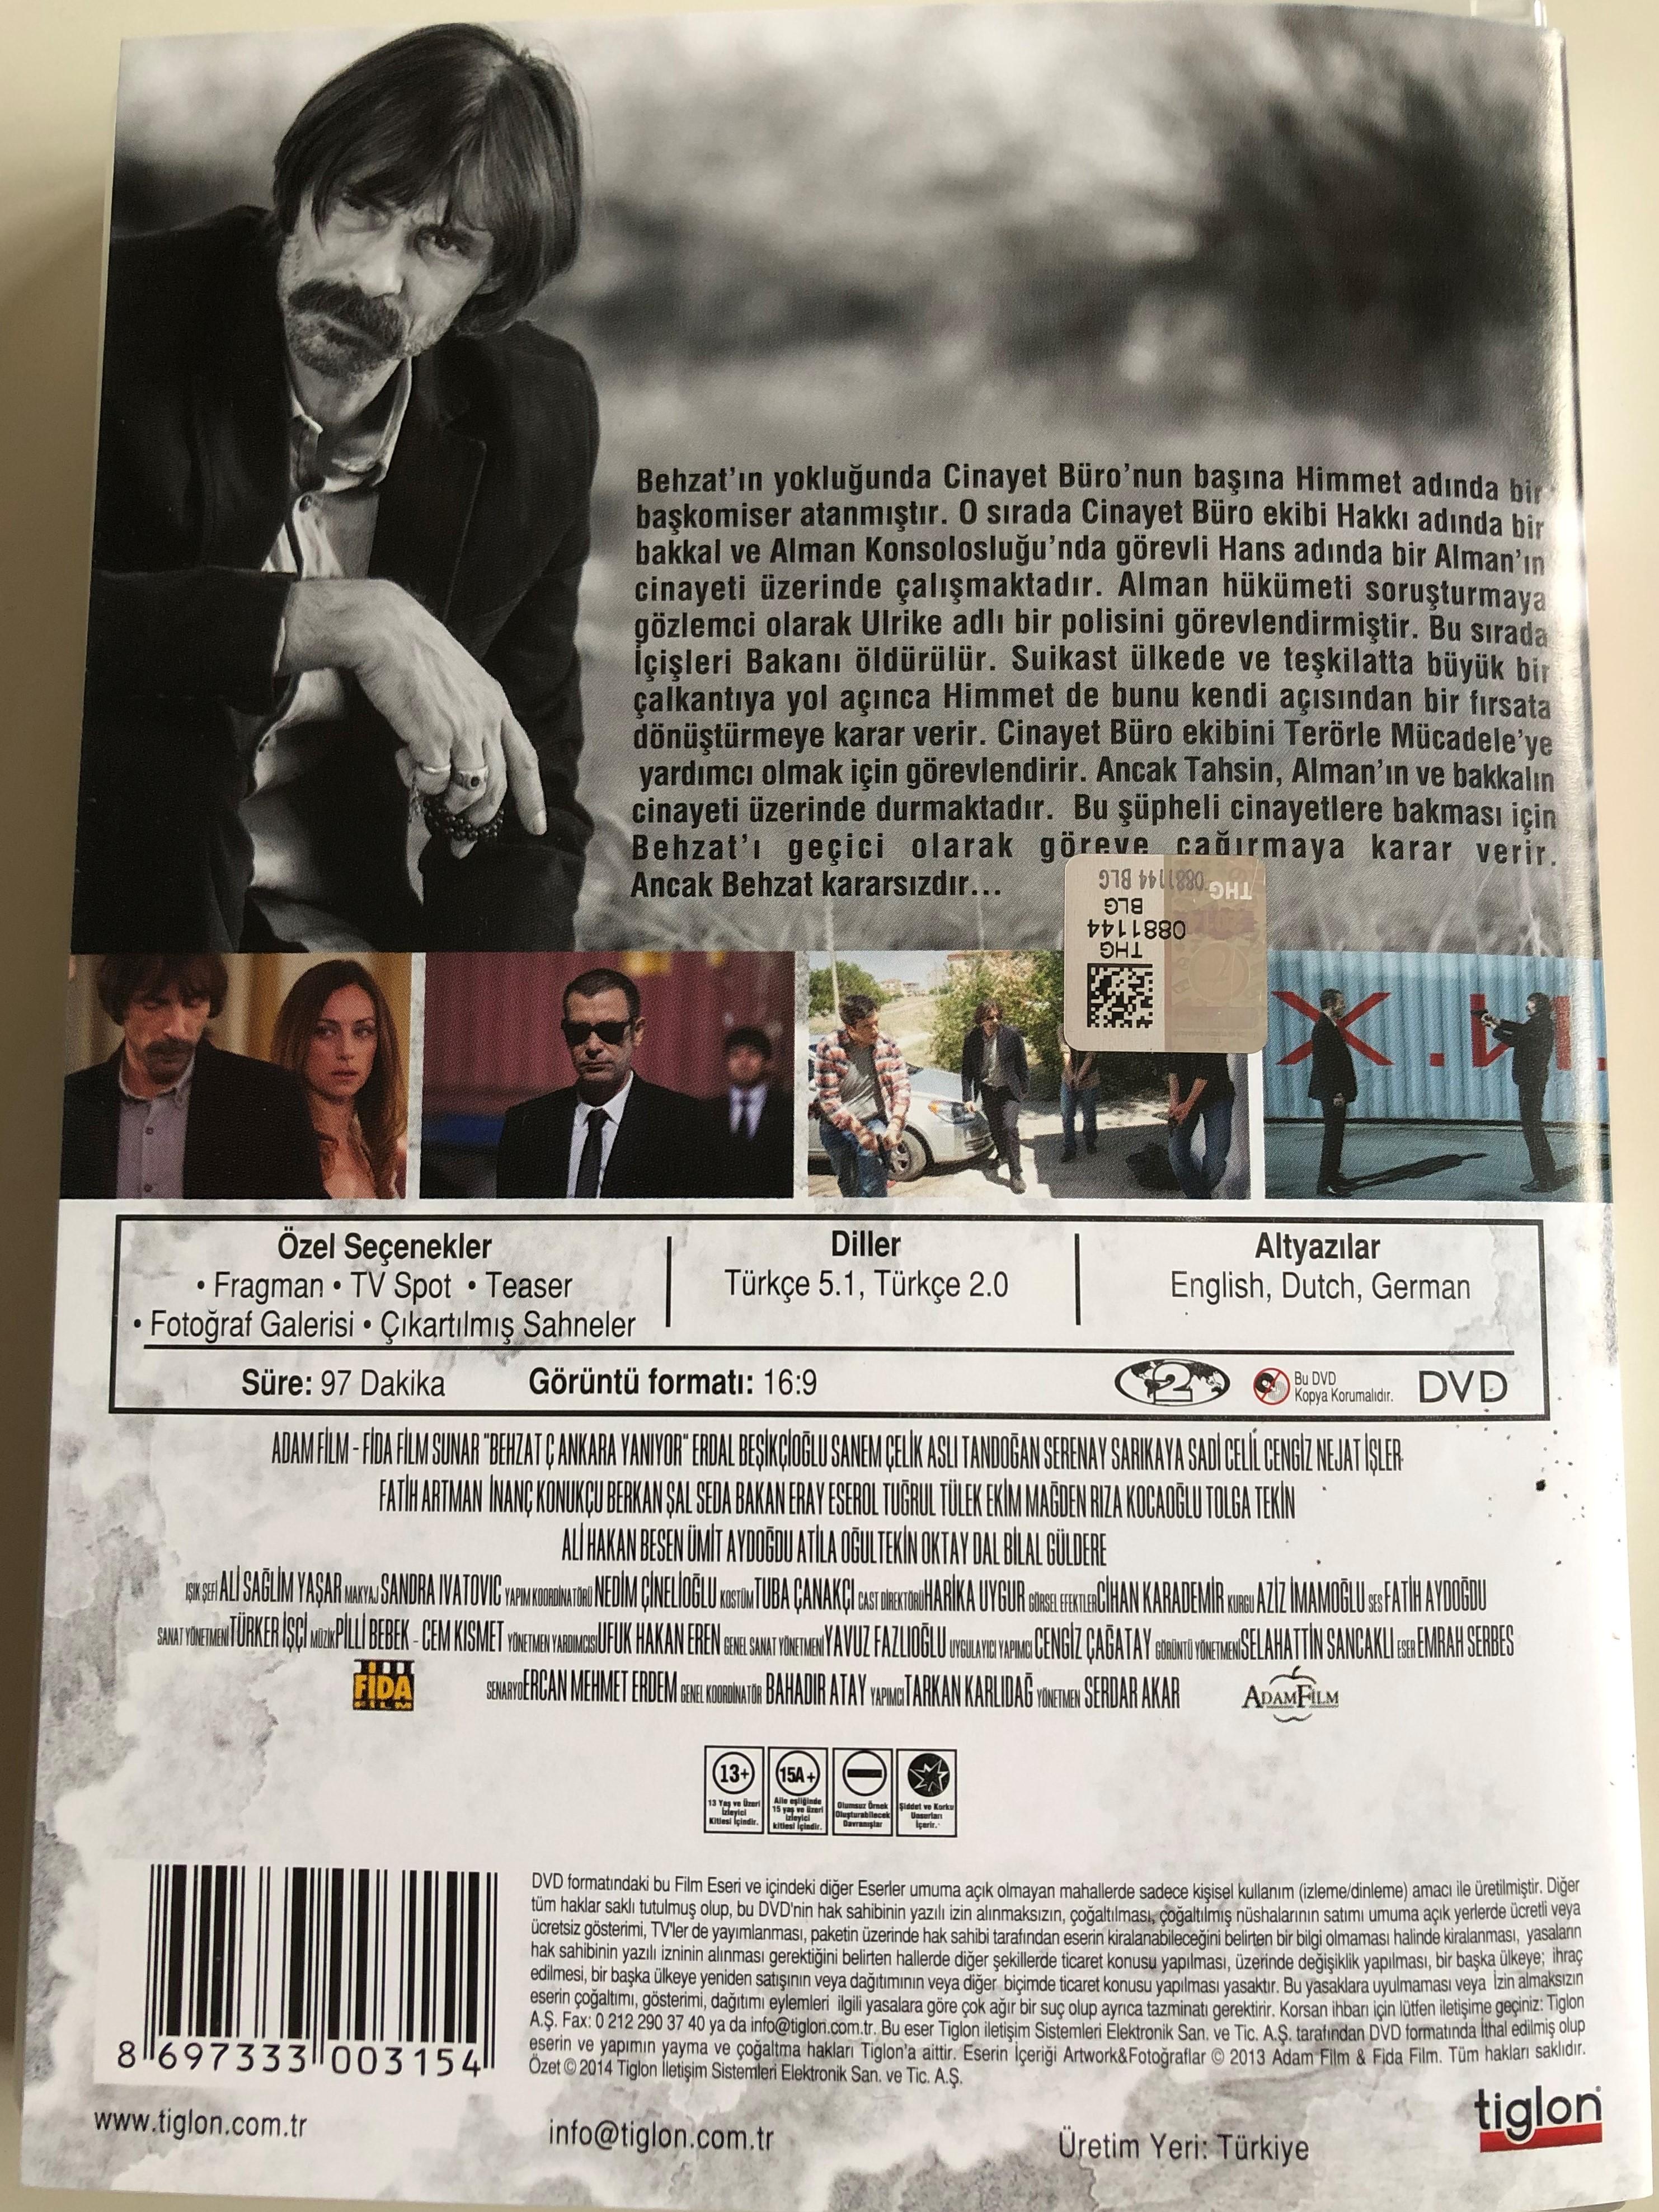 behzat-ankara-yan-yor-dvd-2013-directed-by-serdar-akar-2.jpg